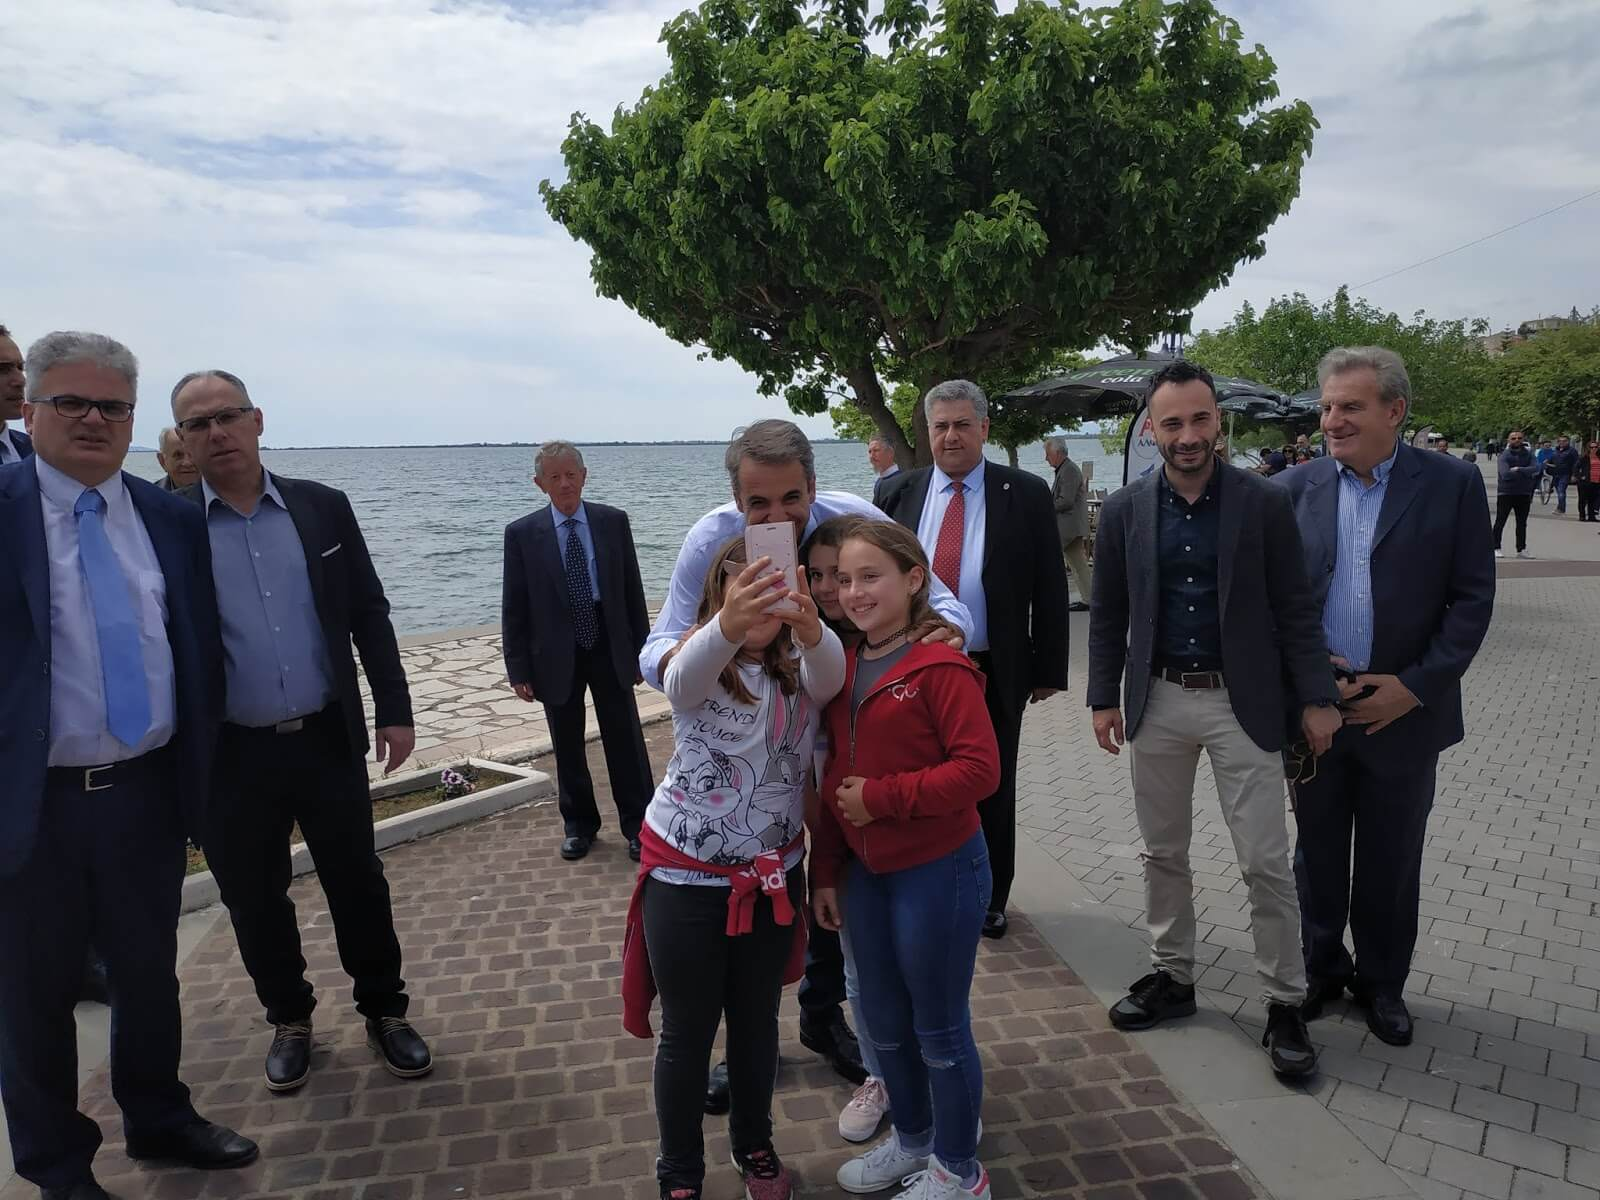 Στο Μενίδι Αιτωλοκαρνανίας ο Κυριάκος Μητσοτάκης: «Κίτρινη η κυβέρνηση - Η λάσπη θα απαντιέται με επιχειρήματα» - video, pics